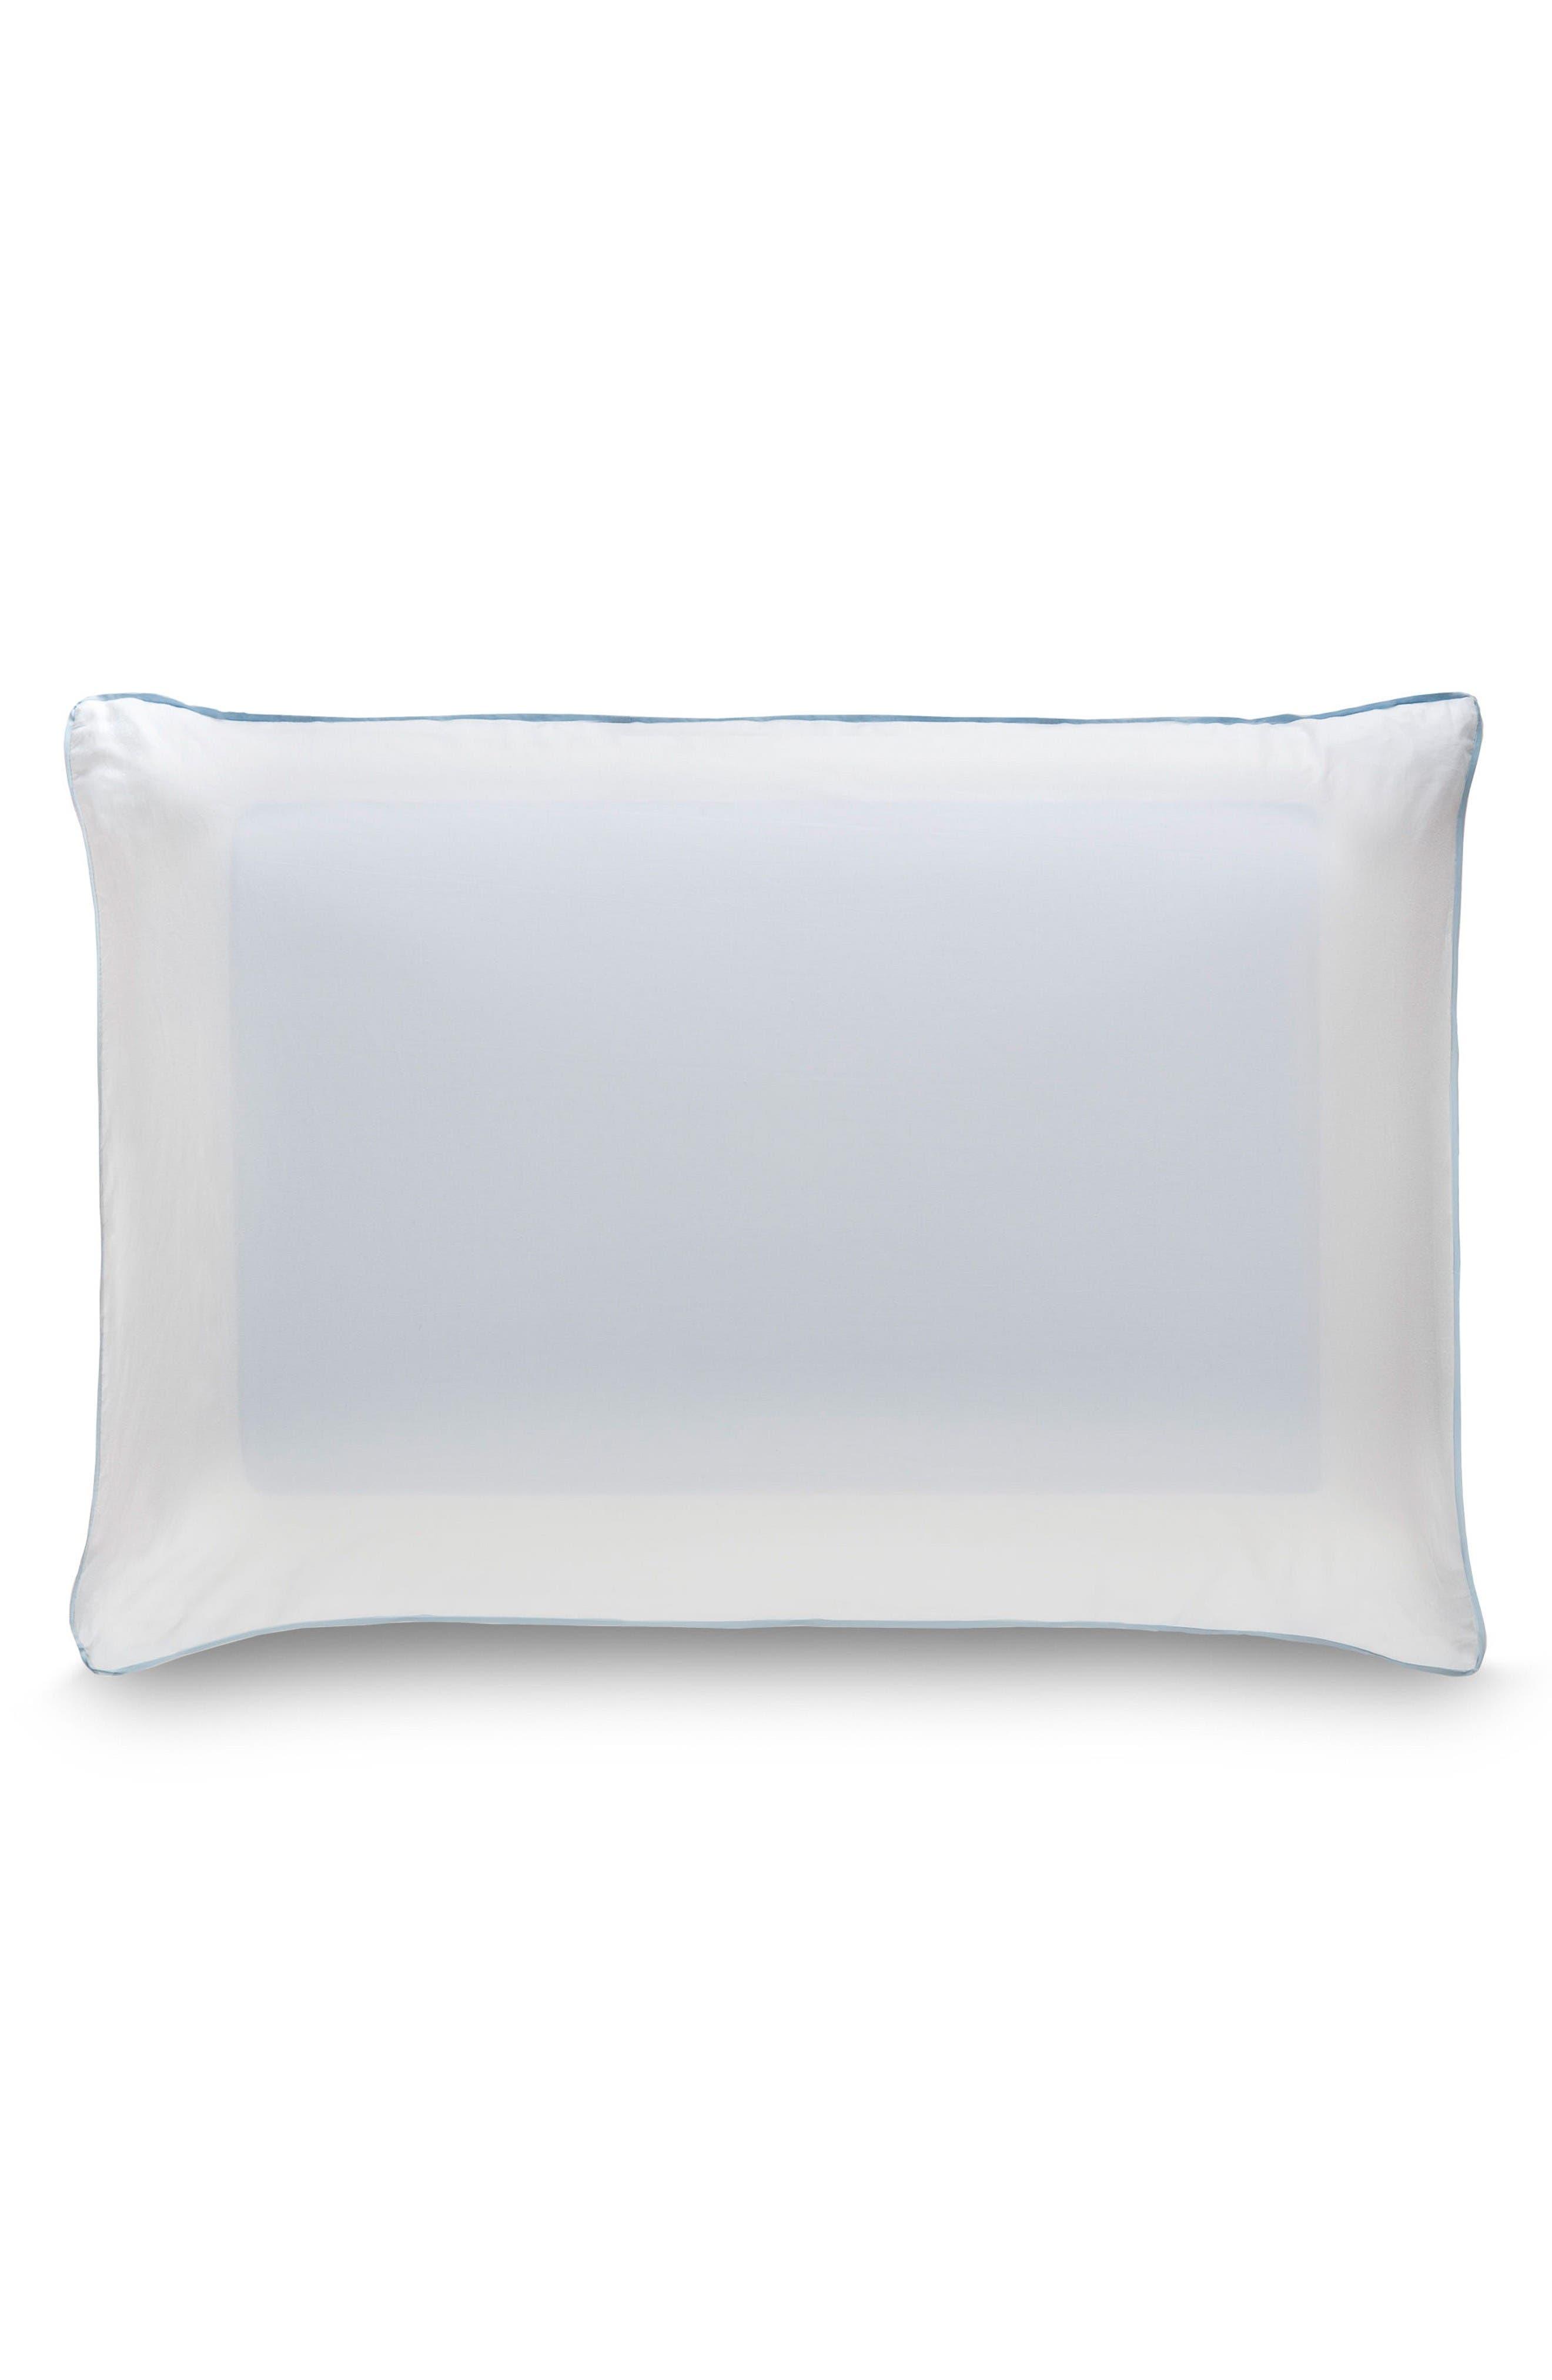 TEMPUR-Cloud Breeze Dual Cooling Queen Pillow,                             Alternate thumbnail 2, color,                             White